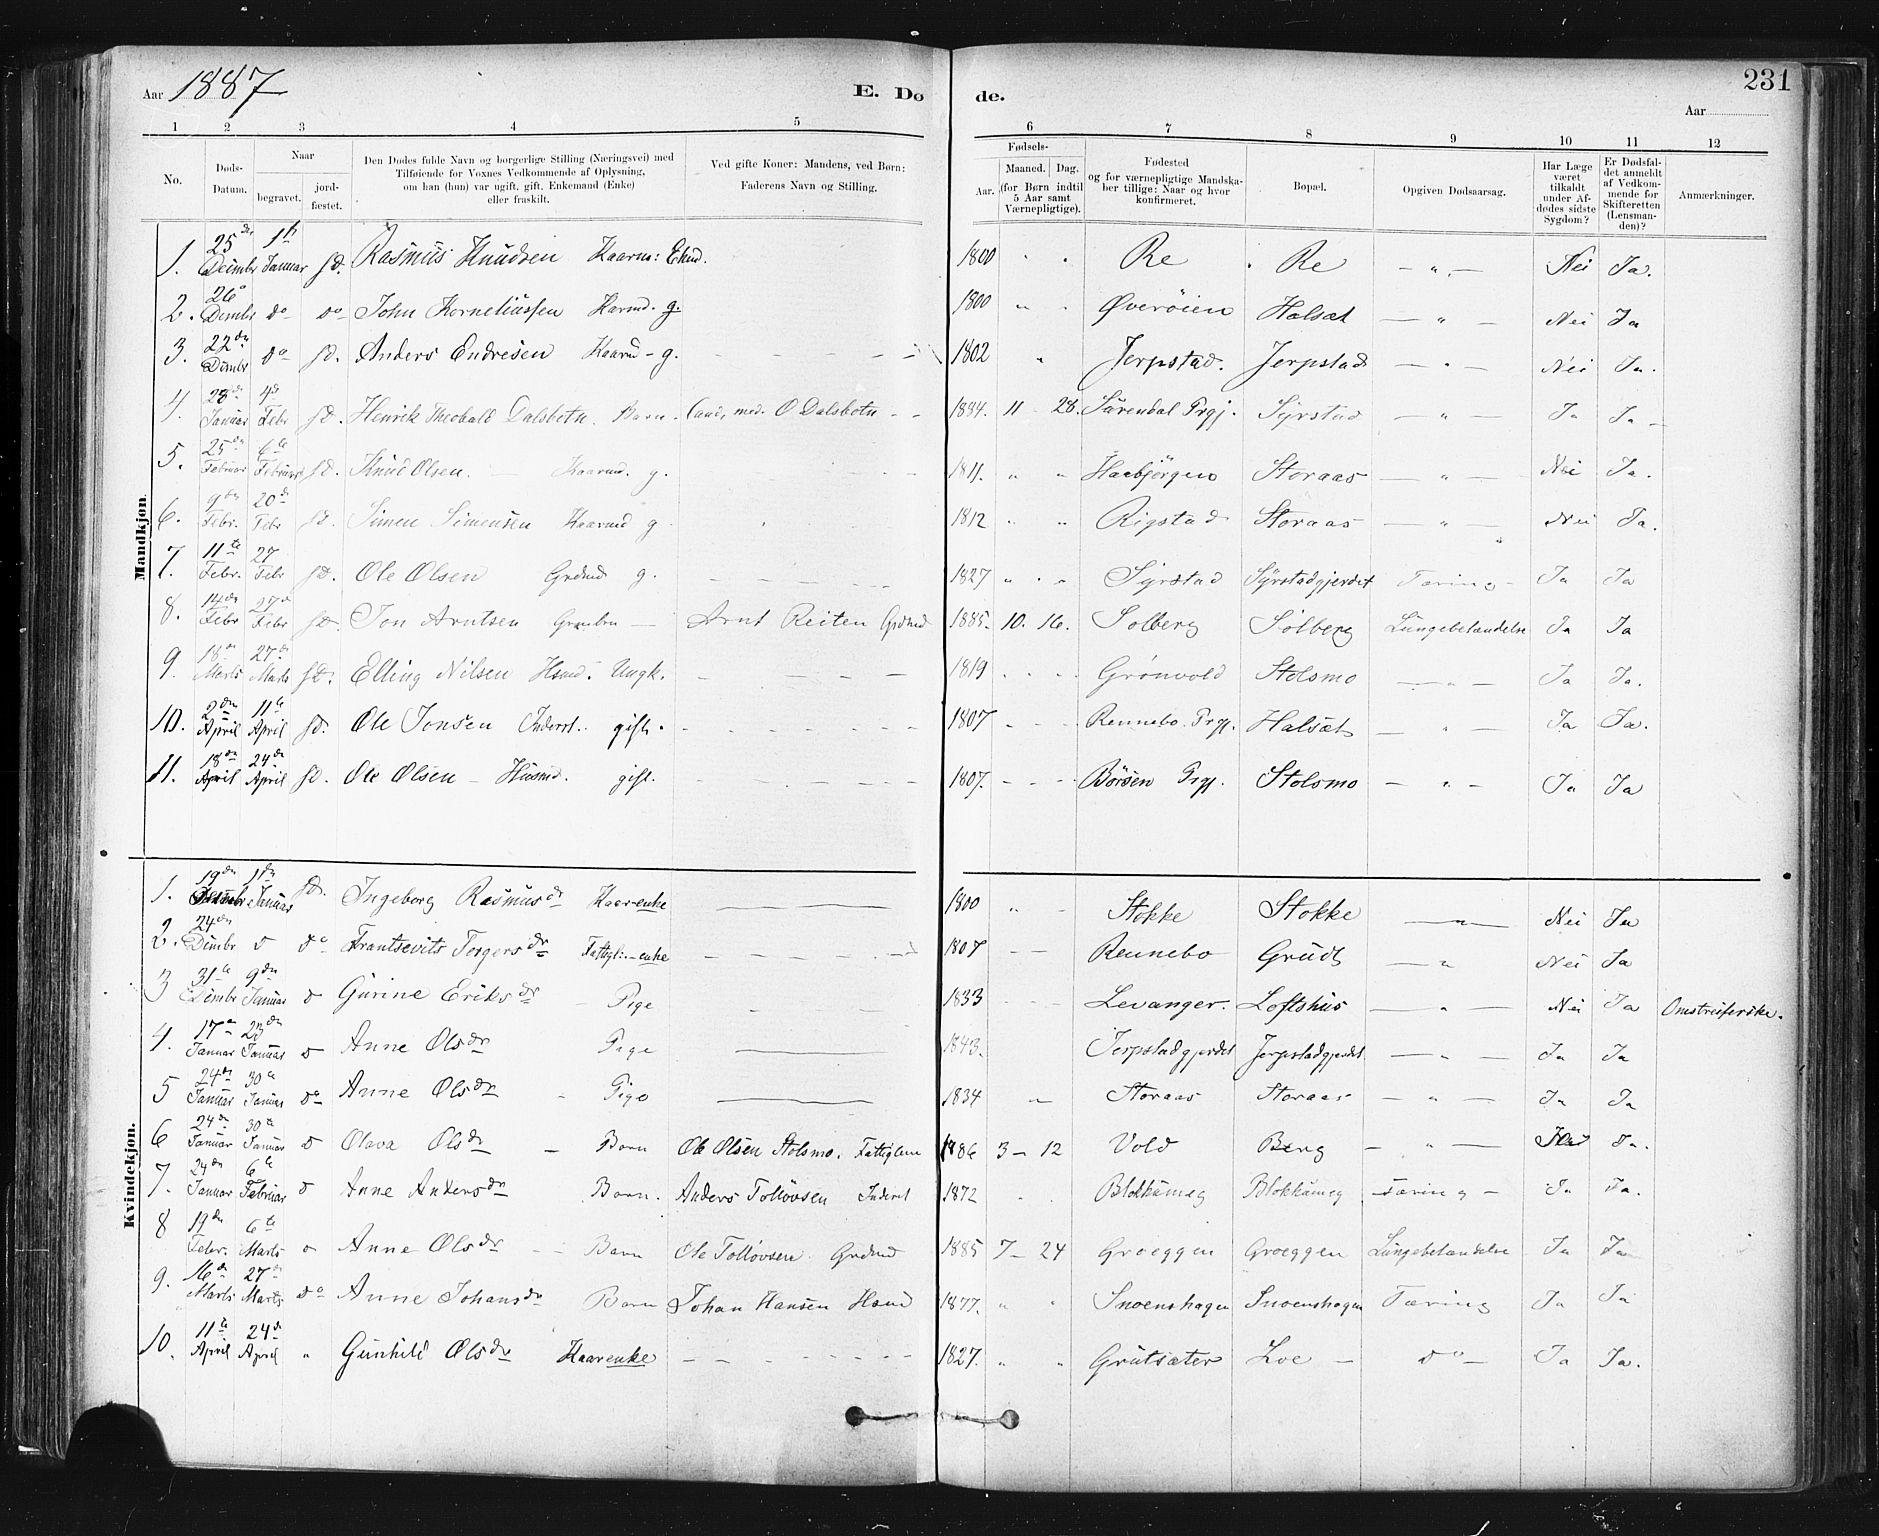 SAT, Ministerialprotokoller, klokkerbøker og fødselsregistre - Sør-Trøndelag, 672/L0857: Ministerialbok nr. 672A09, 1882-1893, s. 231